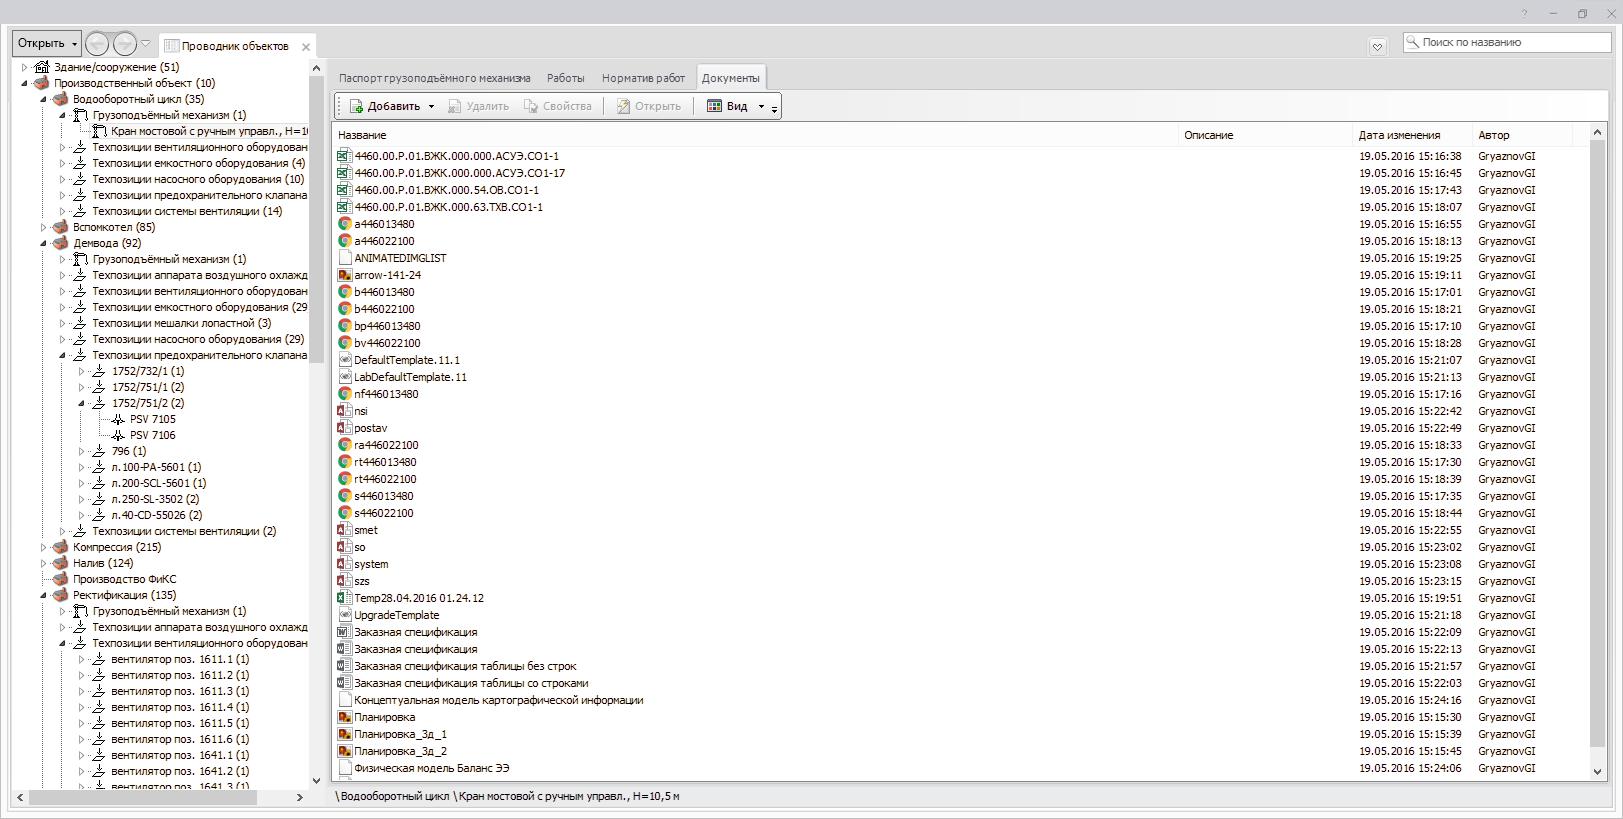 Электронный архив документов в Rubius DrEAM